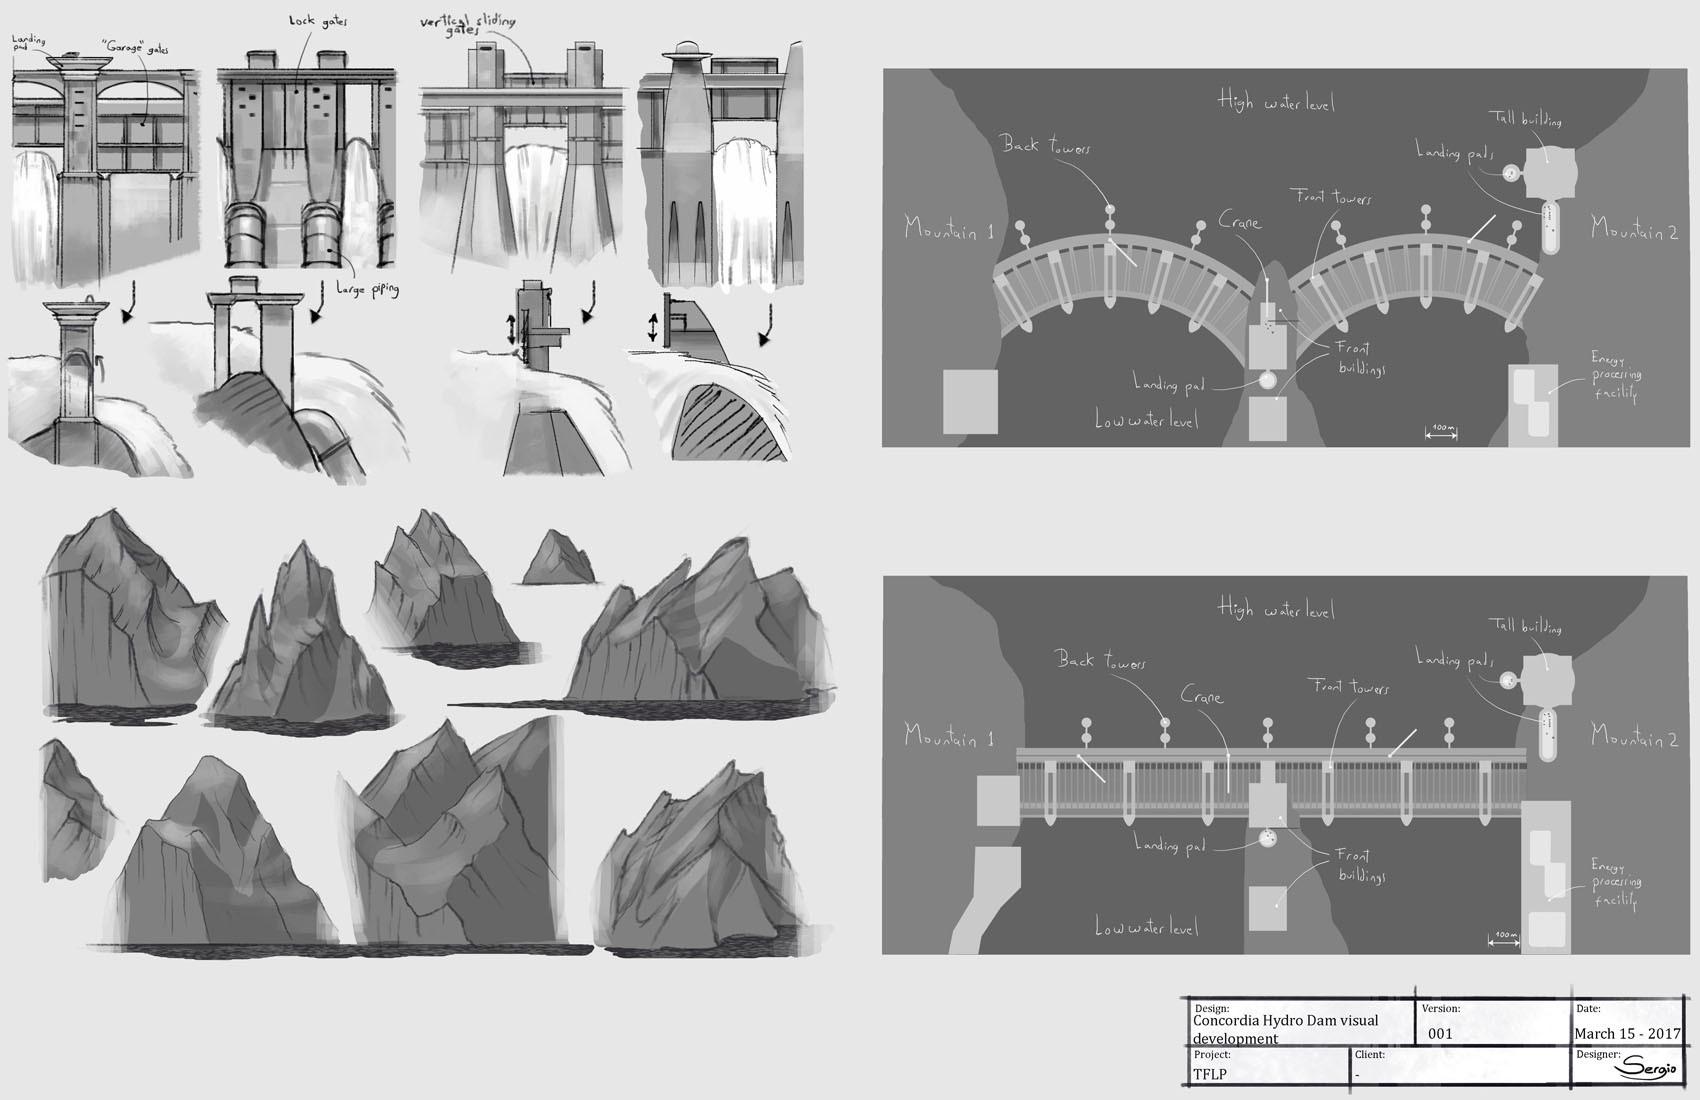 Sergio botero tflp concordia hydro dam concept 1